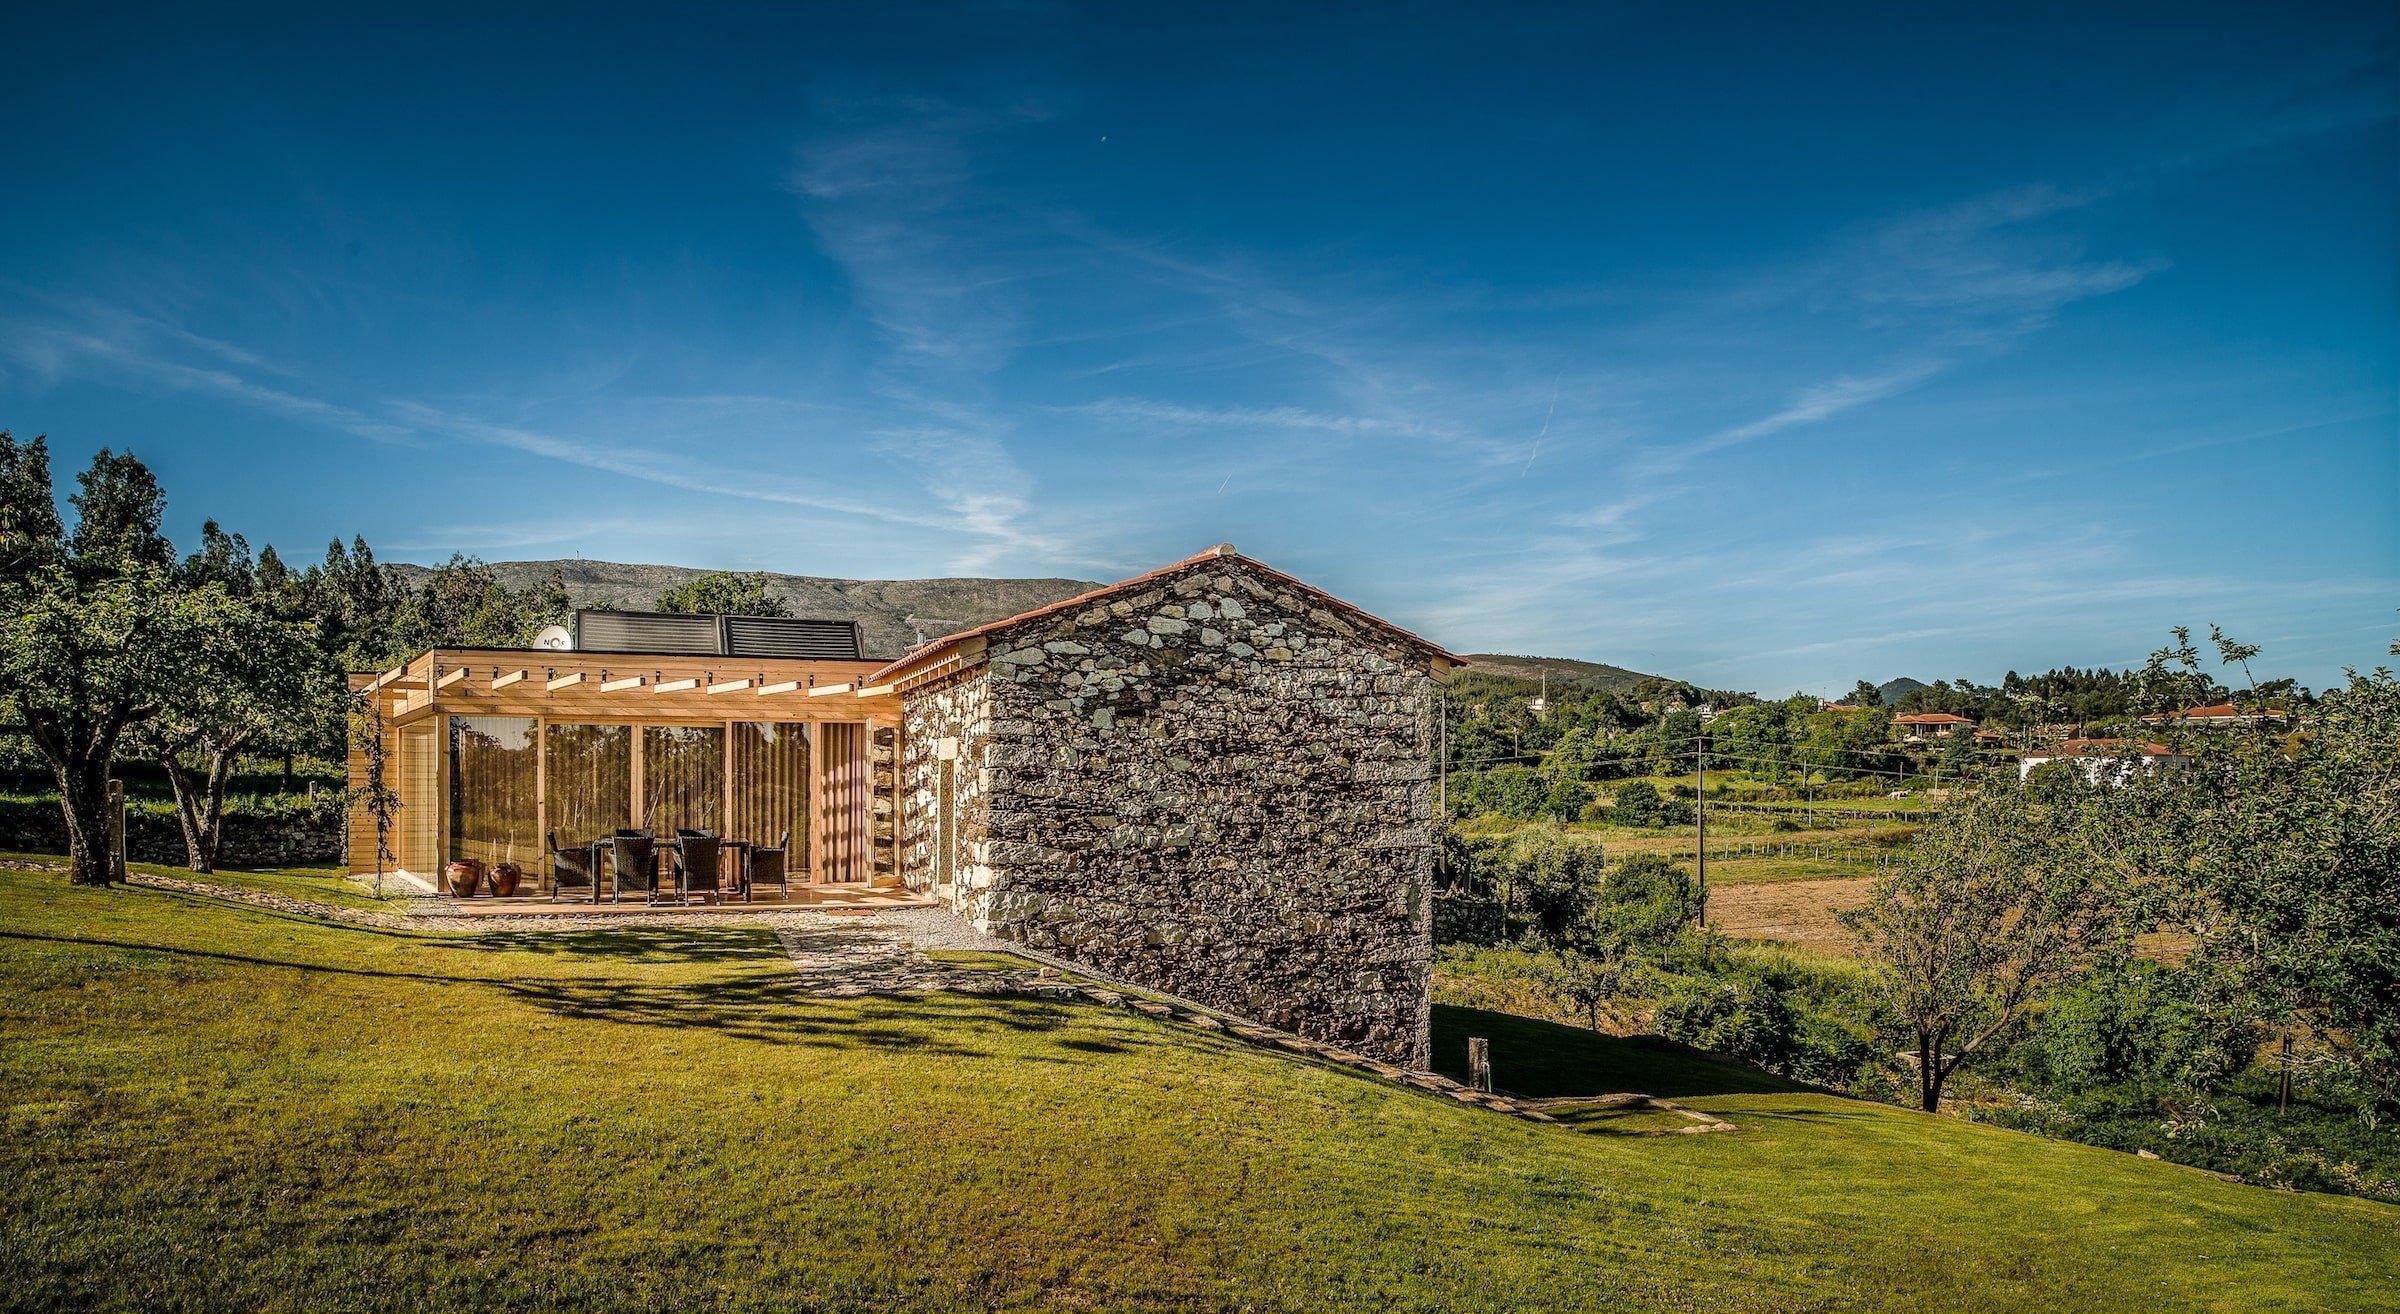 Také patříte mezi milovníky slunce, rozmanitosti a krásné lidové architektury? V tom případě se s námi pojďte podívat na to, jak bydlí Portugalci v tomto historickém dvougeneračním rodinném domě, jenž se nachází v romantickém údolí. Dům je pravou ukázkou toho, že se občas vsadí dát i na lidovou architekturu, zvláště-li, pokud ji spojíte s vymoženostmi dnešní doby.